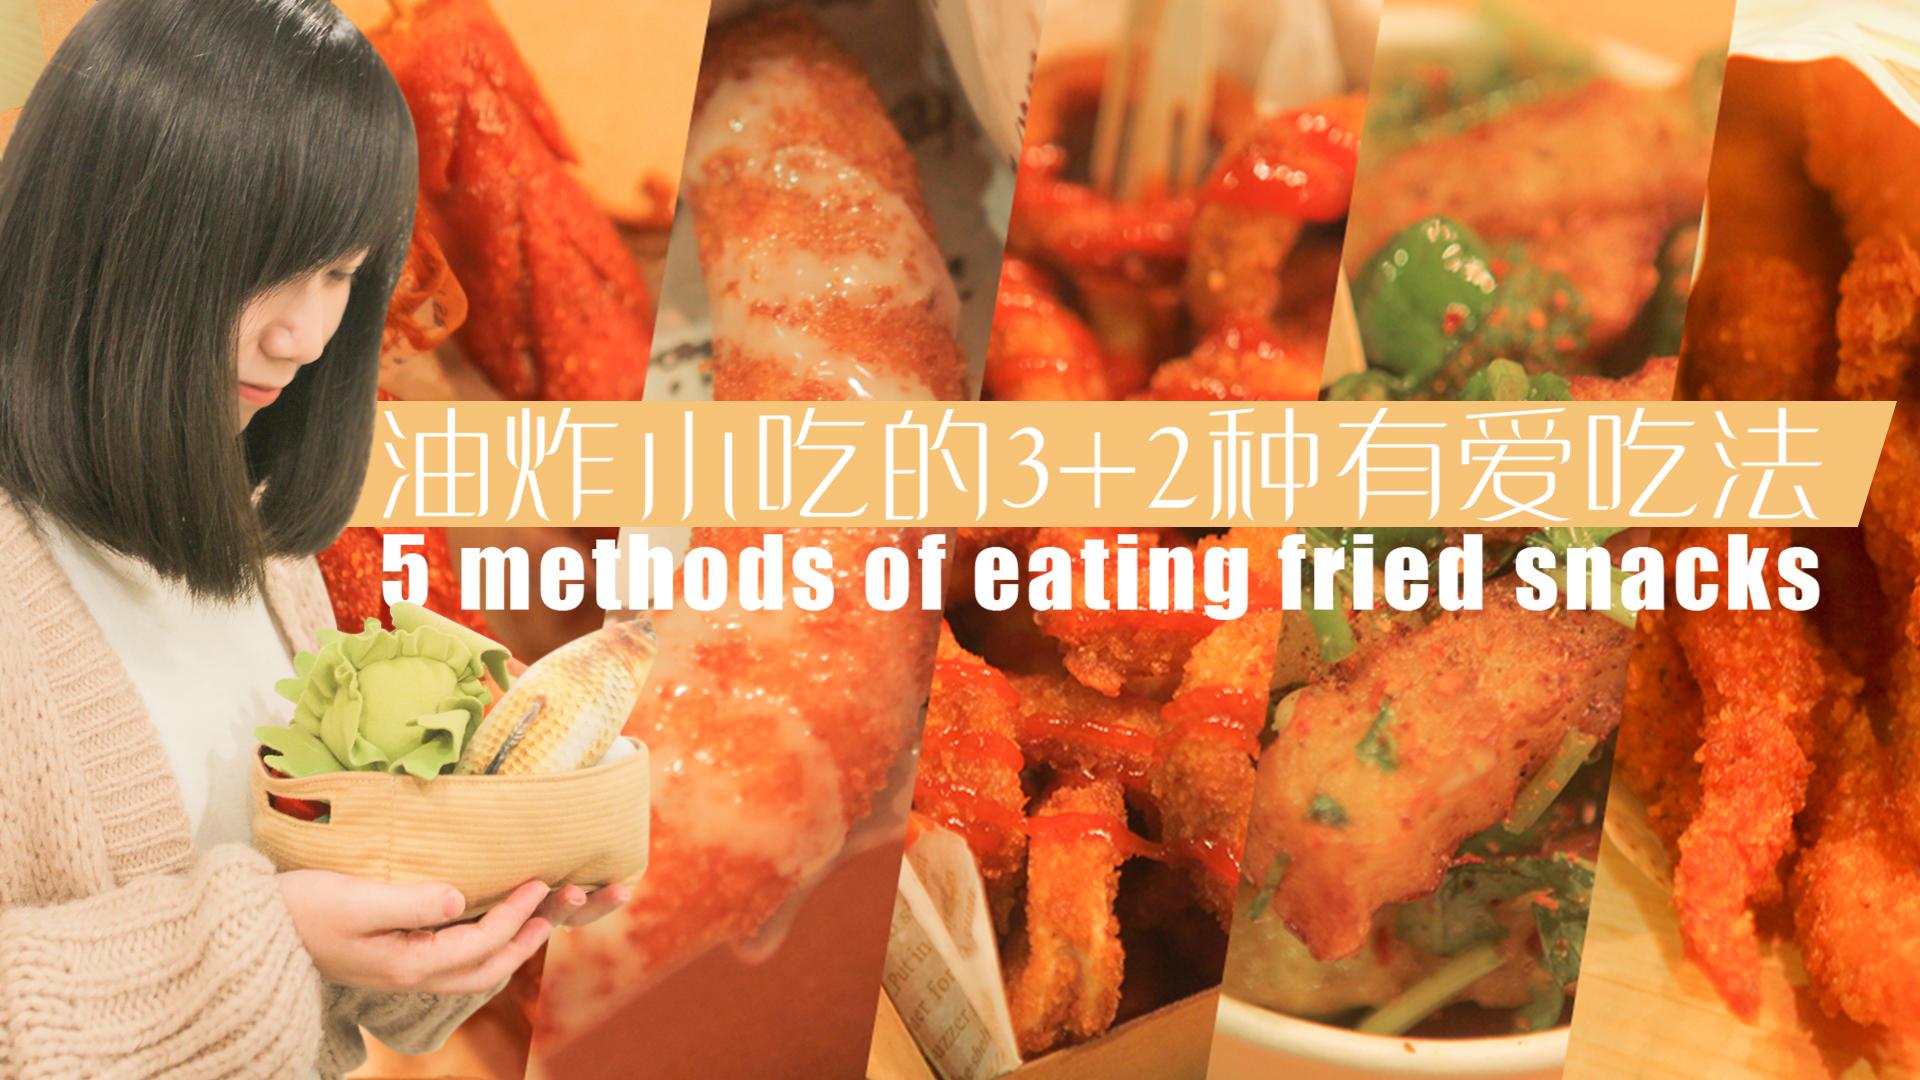 「厨娘物语」100油炸小吃的3+2种有爱吃法